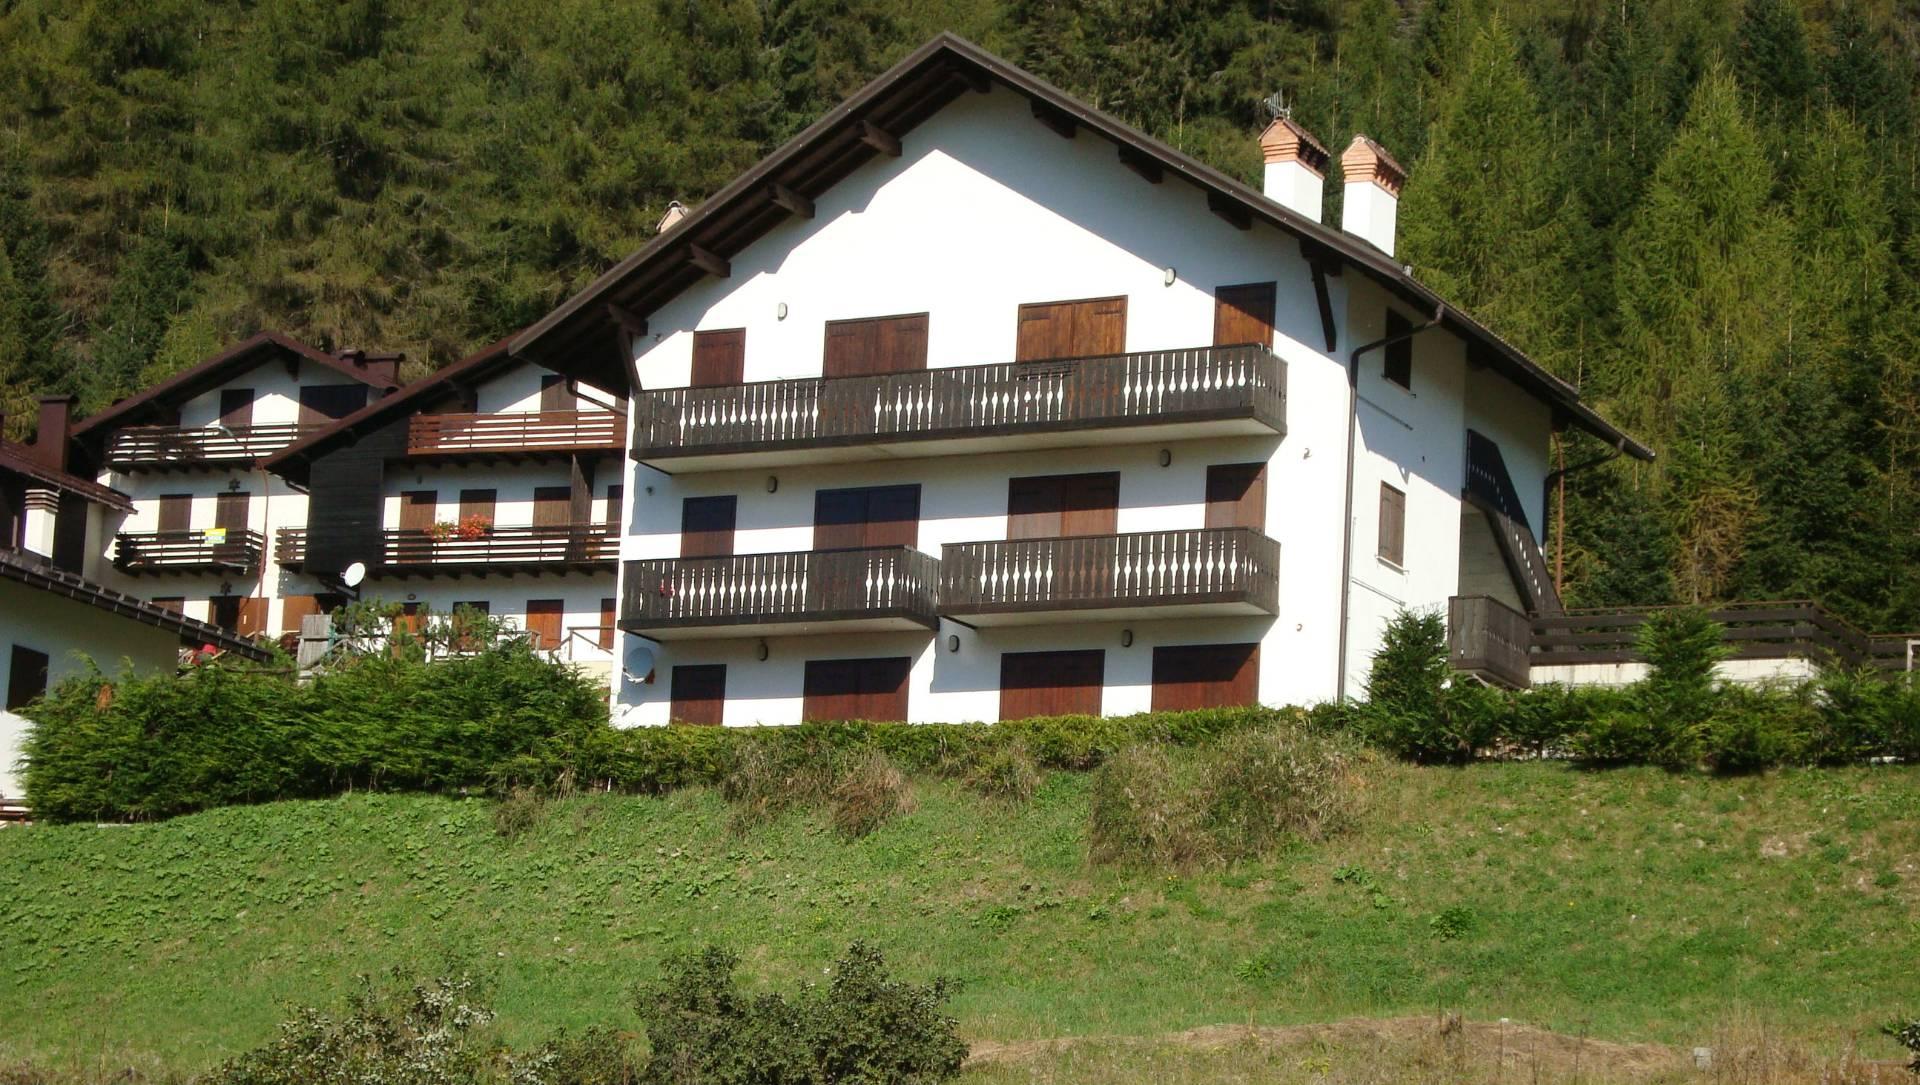 Appartamento in vendita a Gosaldo, 3 locali, prezzo € 110.000 | Cambio Casa.it